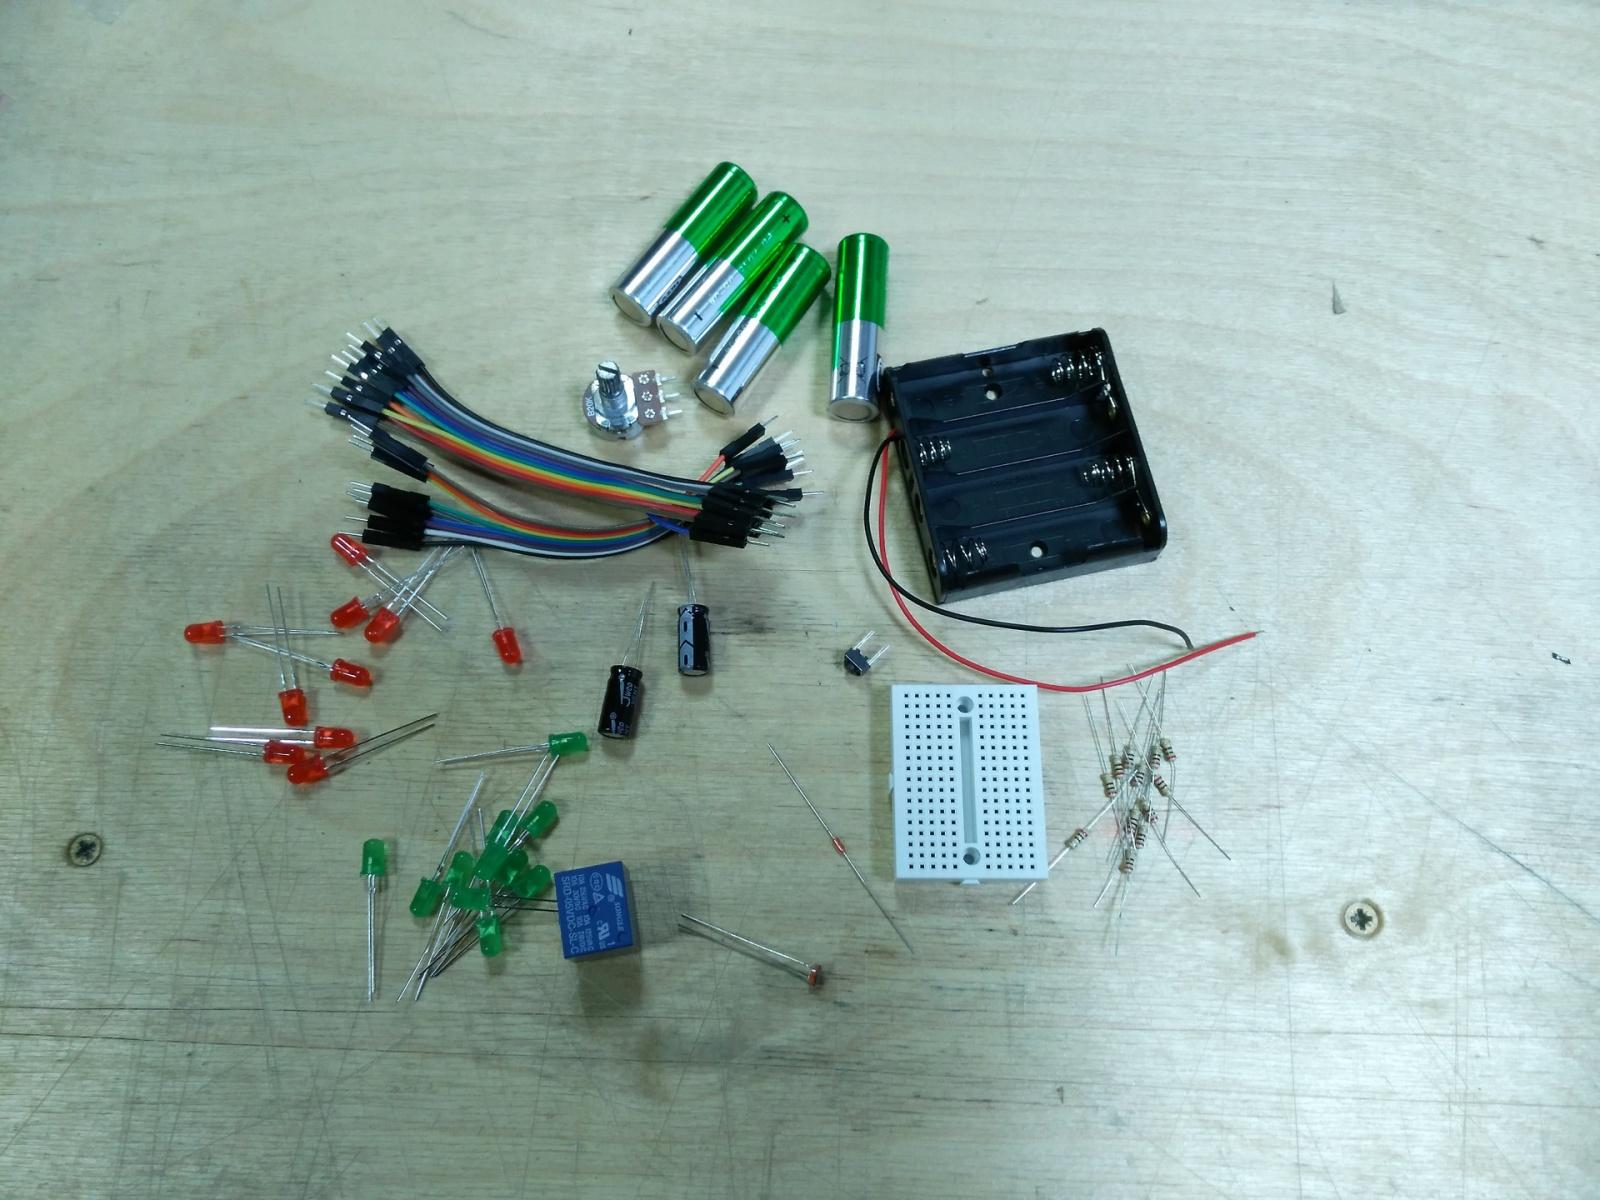 Раздаем железки для организации детских кружков робототехники - 2